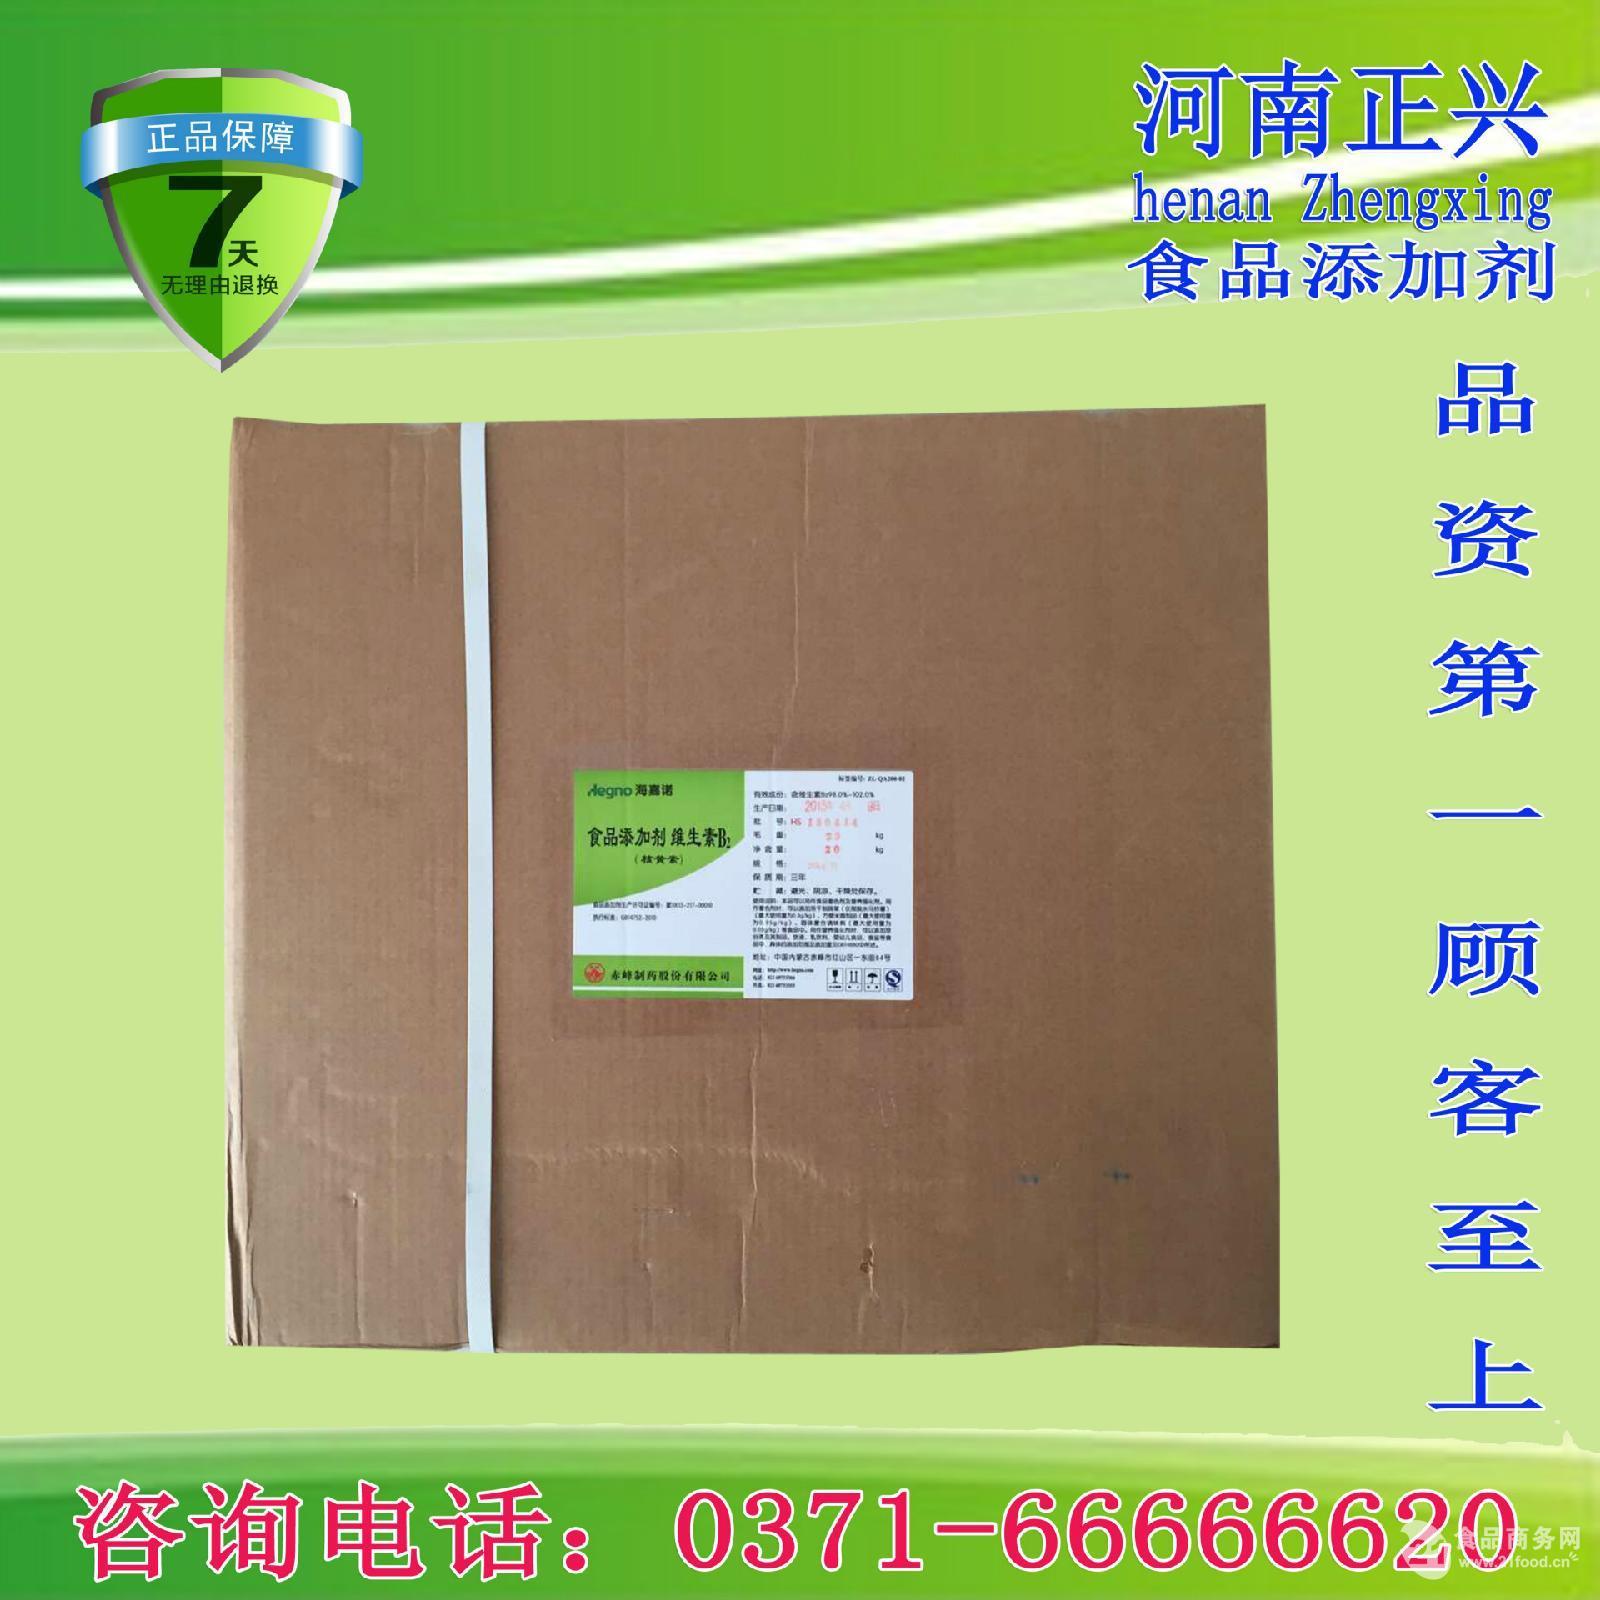 专业供应 食品级 核黄素(维生素B2 VB2)99%